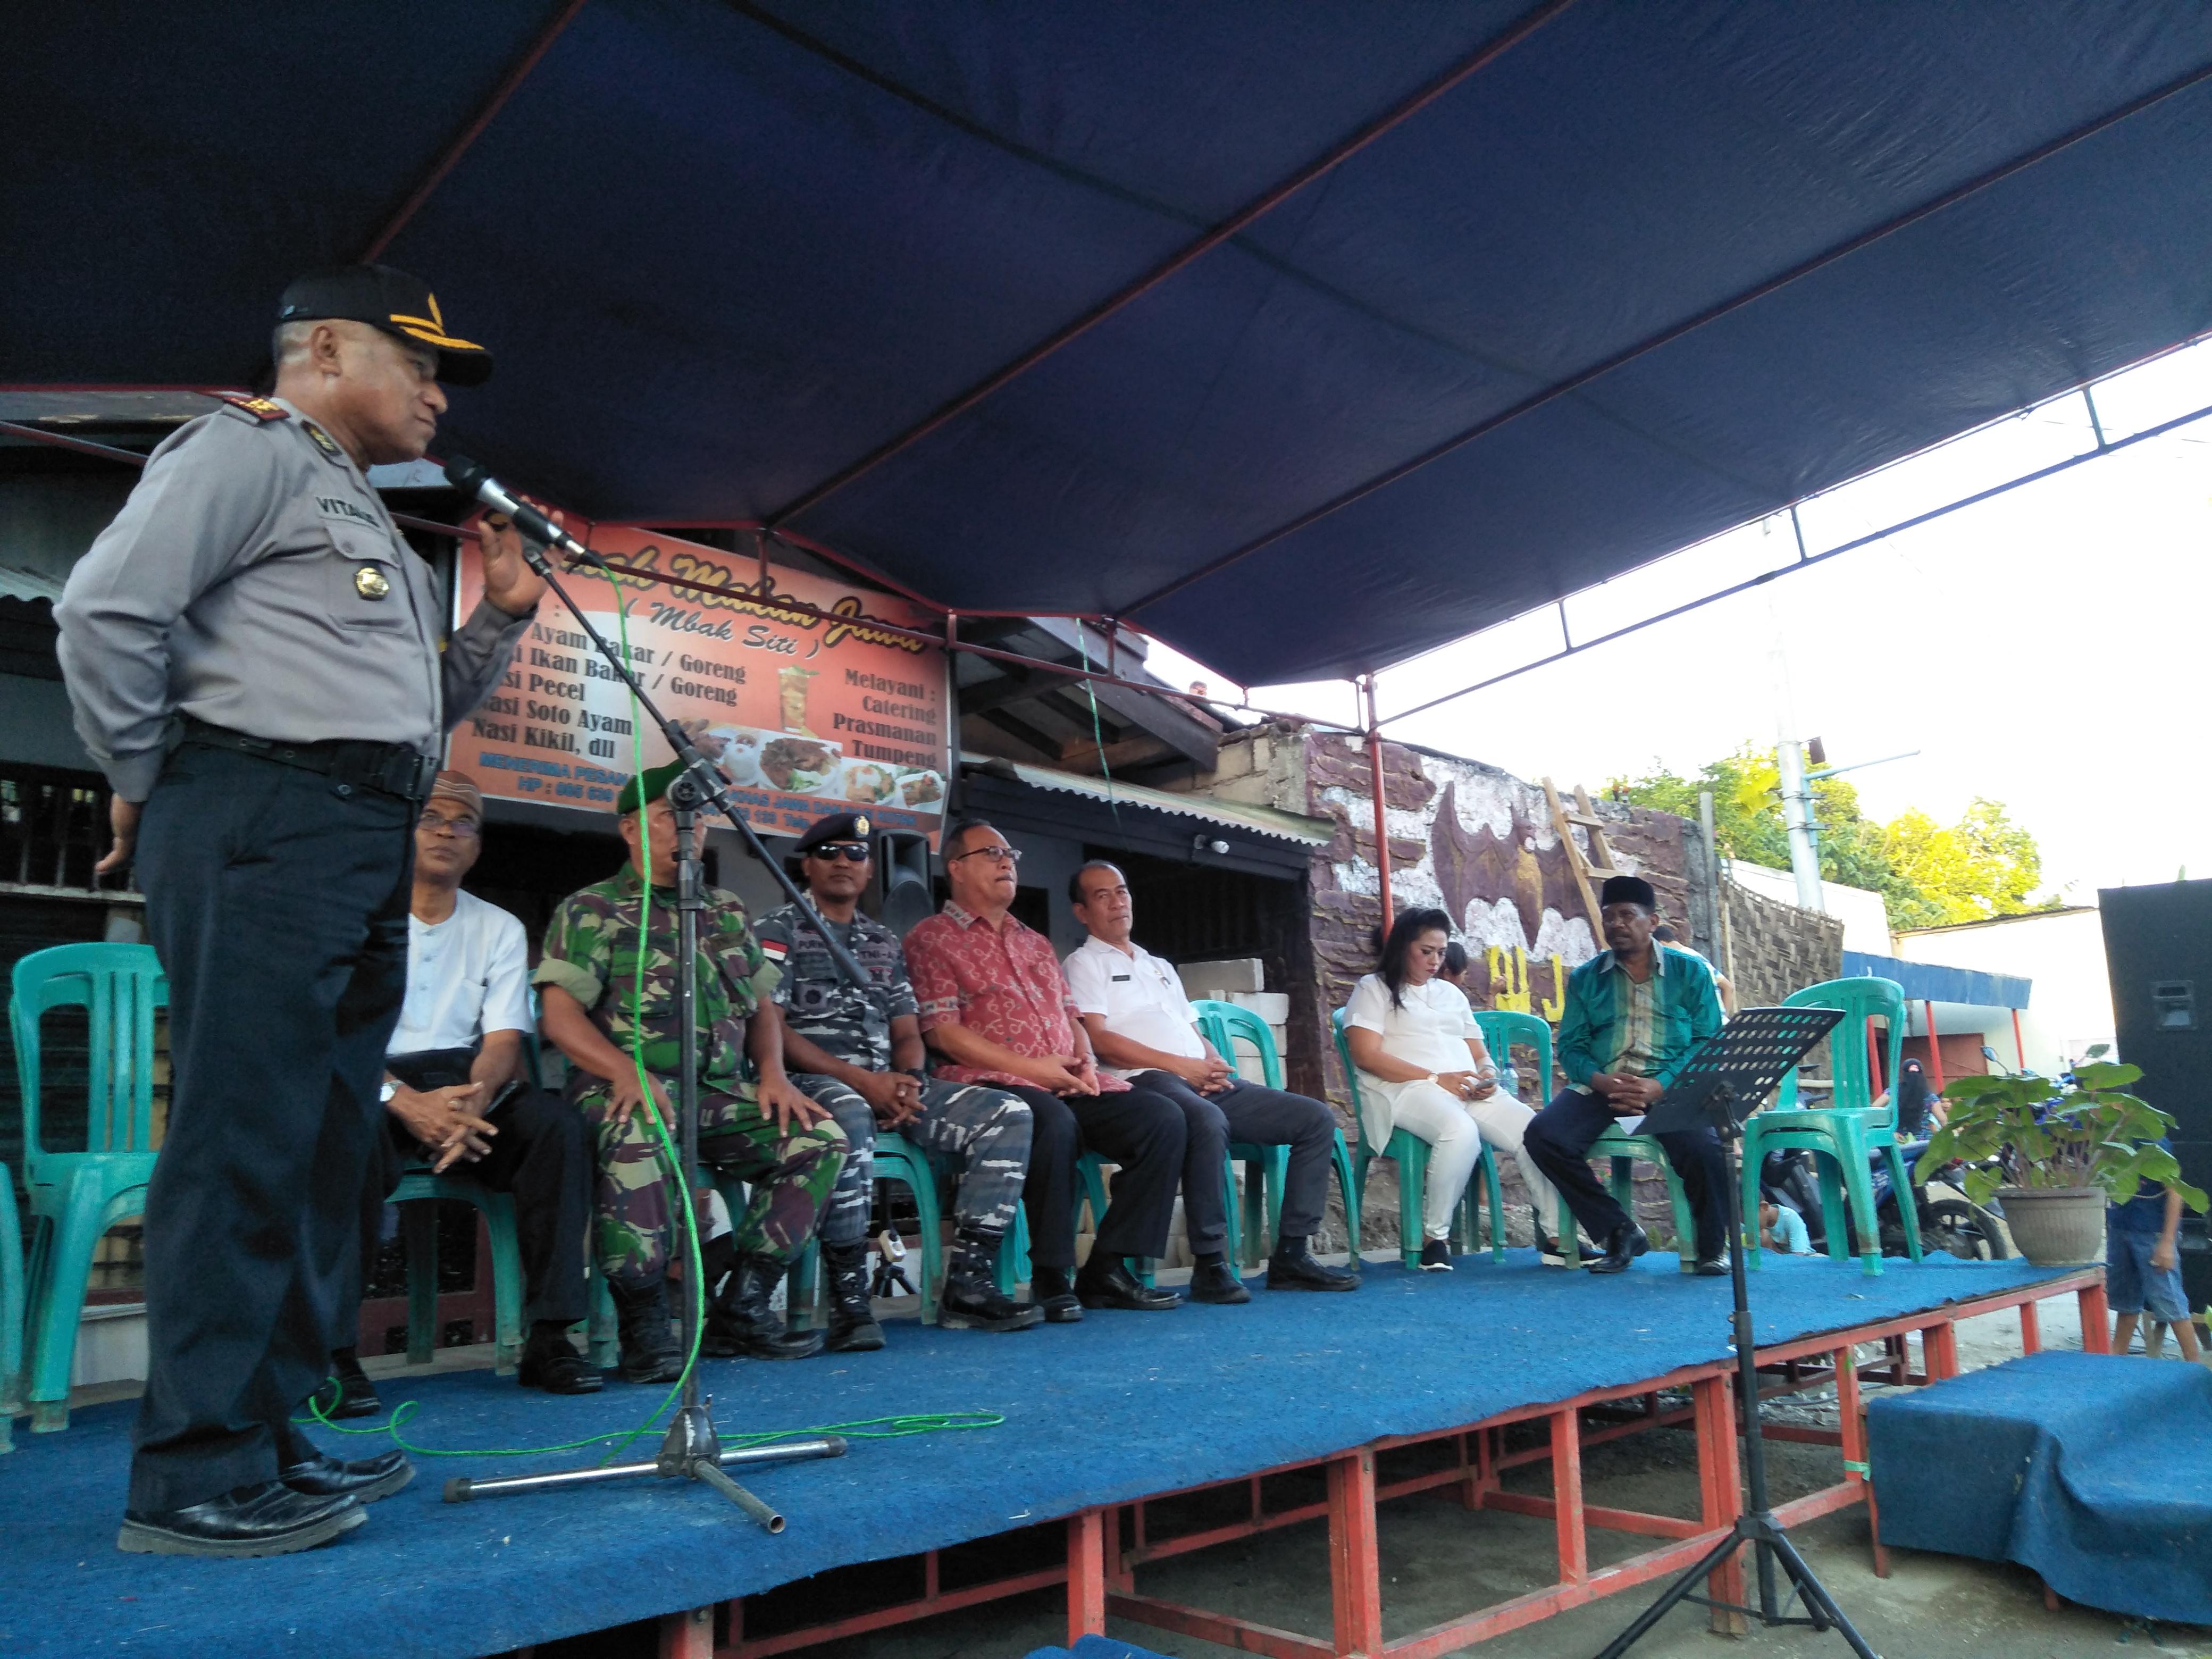 Wakapolres Sumba Timur Sampaikan Ucapan Terima Kasih Atas Dukungan Masyarakat Kepada TNI - Polri Dalam Menjaga Keutuhan NKRI